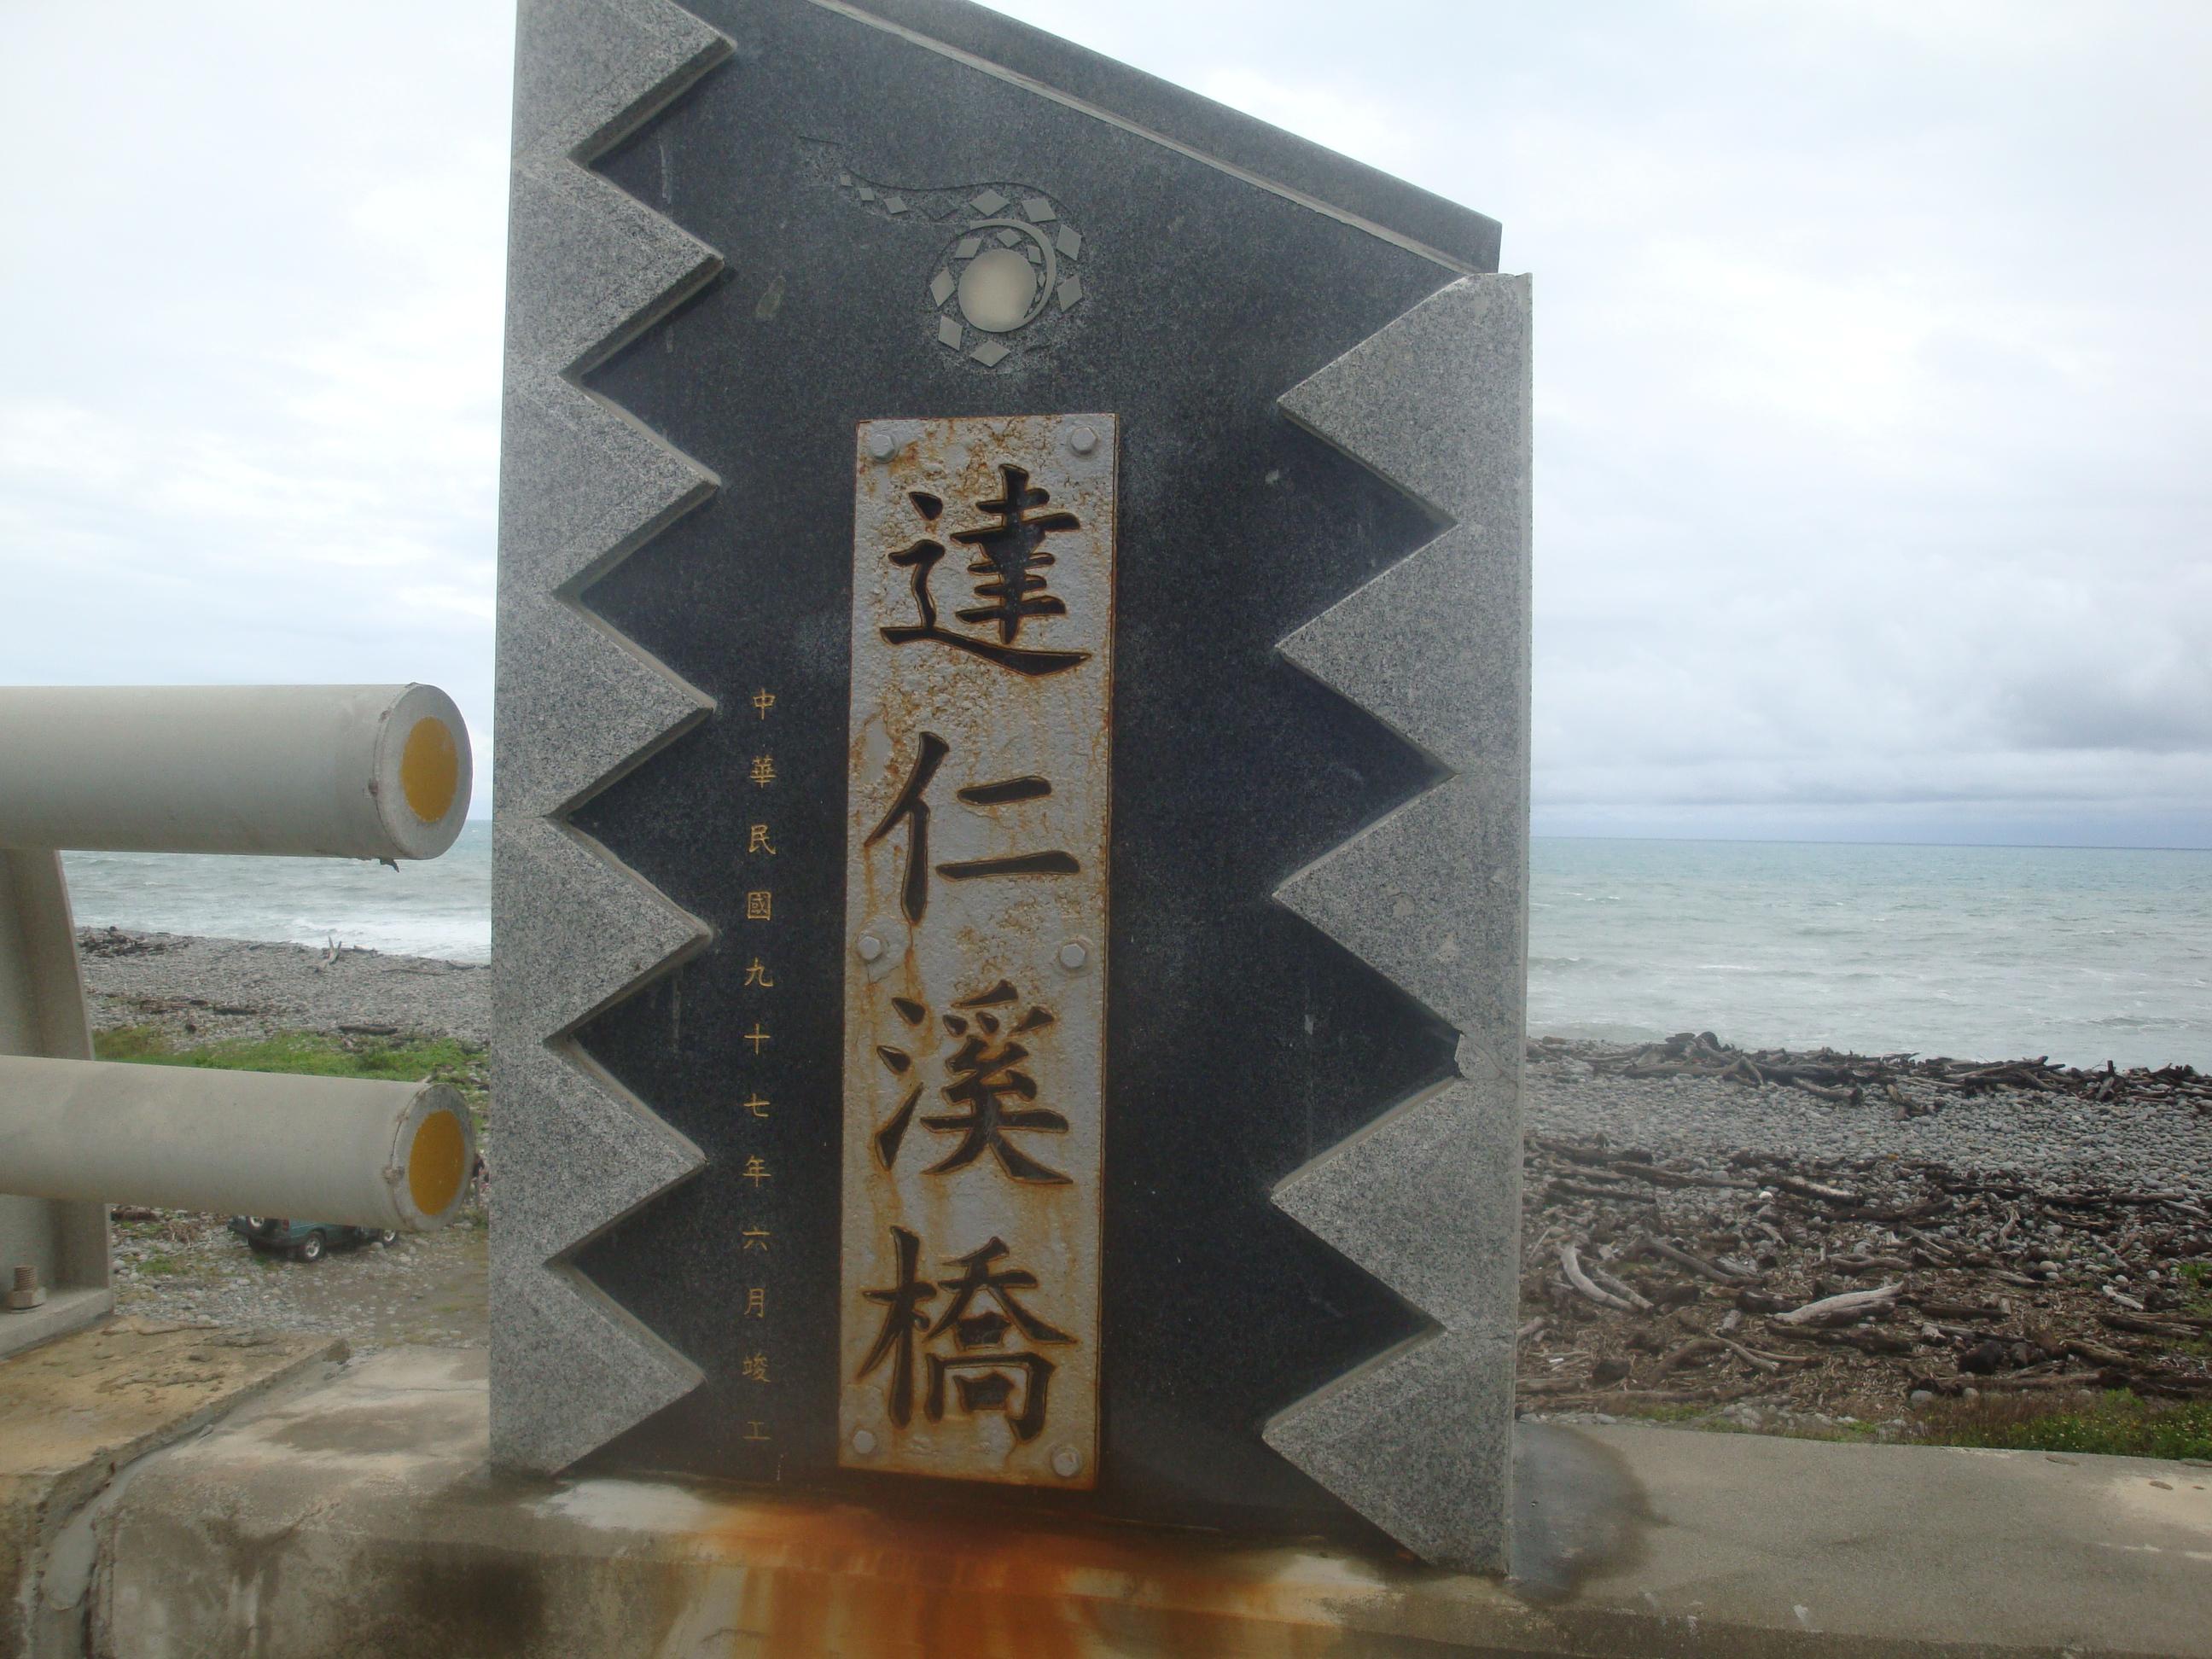 20111010拍攝於達仁溪橋023.JPG